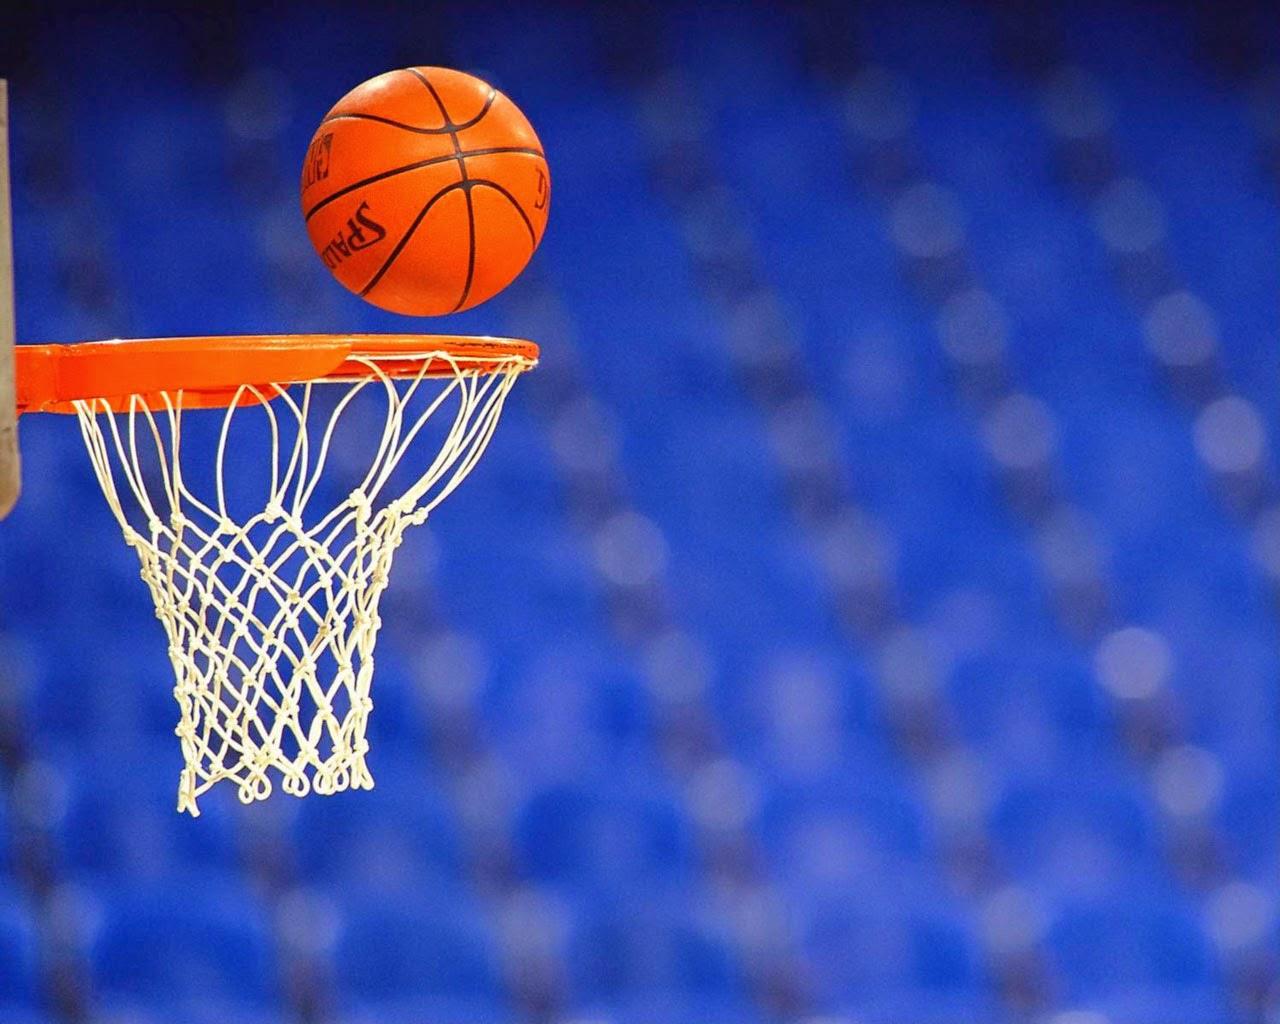 Basketball Nba Wallpapers: Basketball Stars Picture: Basketball Nba Wallpaper